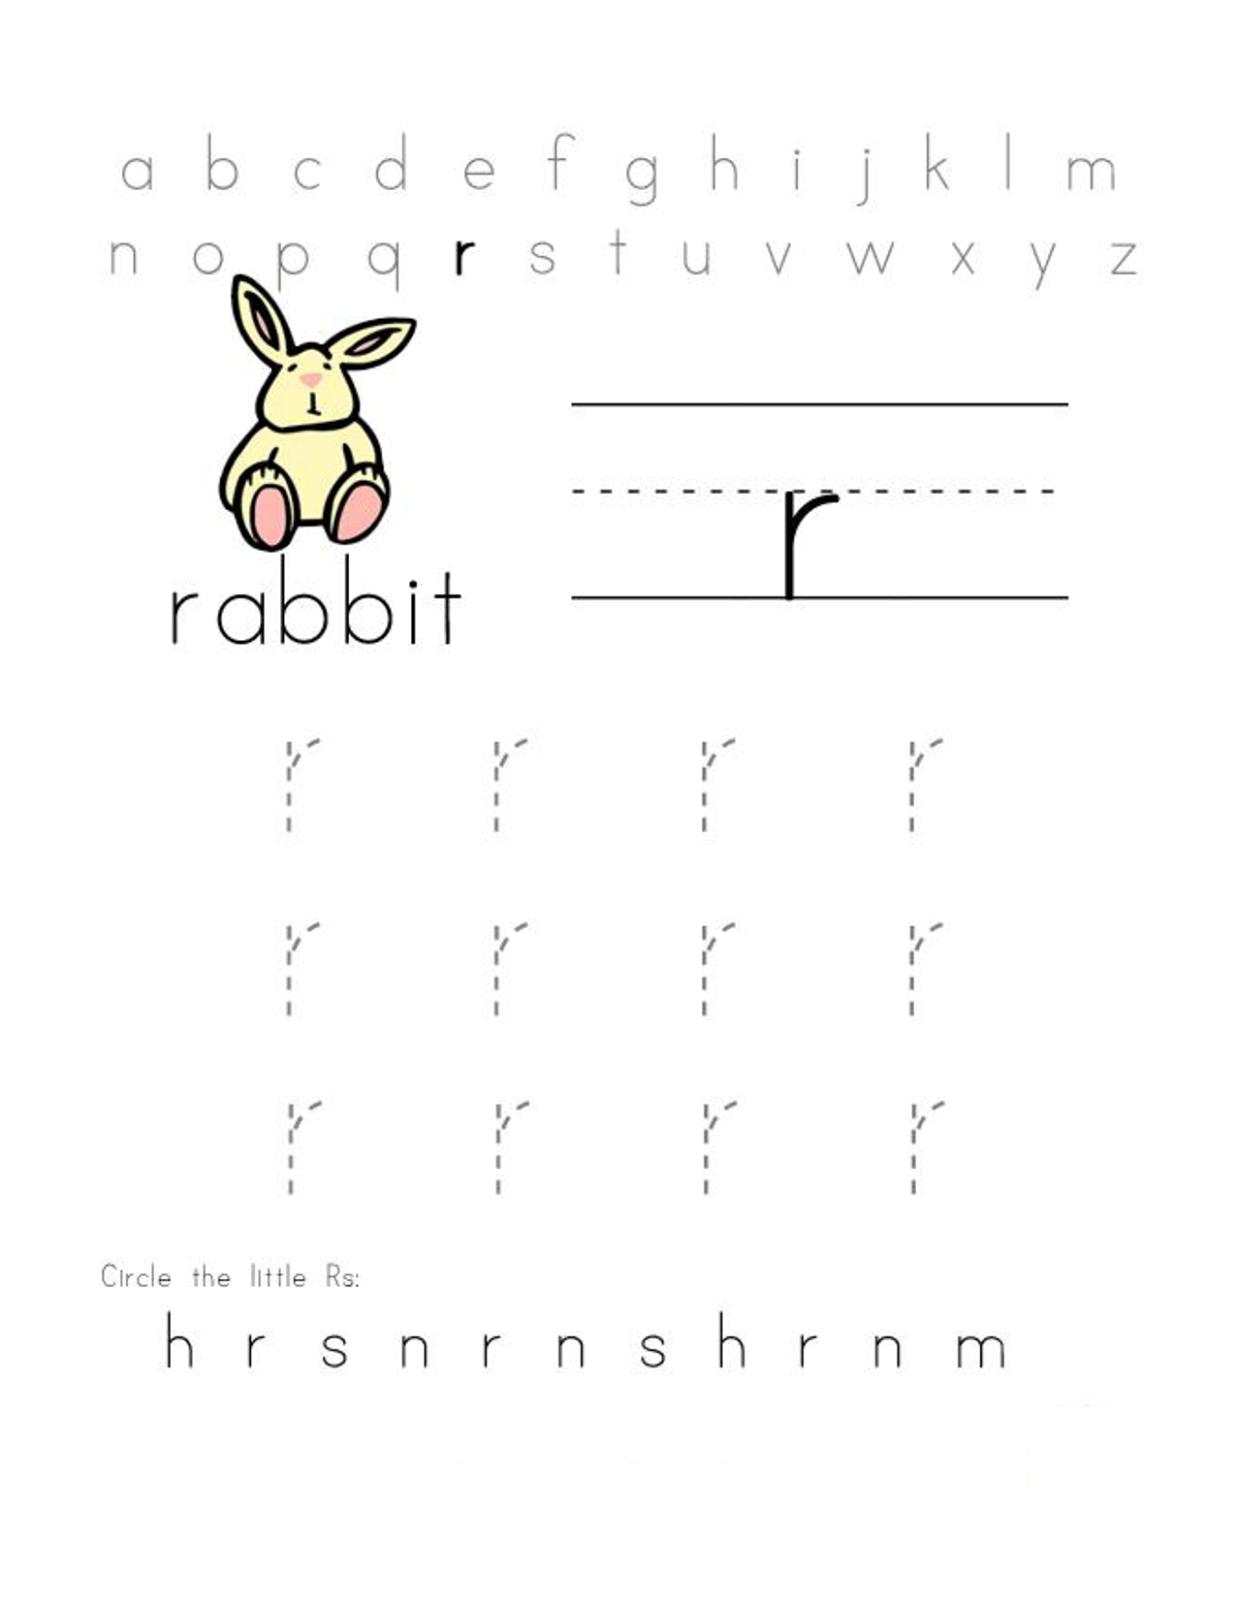 Free Letter R Worksheets For Preschool Letter R Worksheets Free